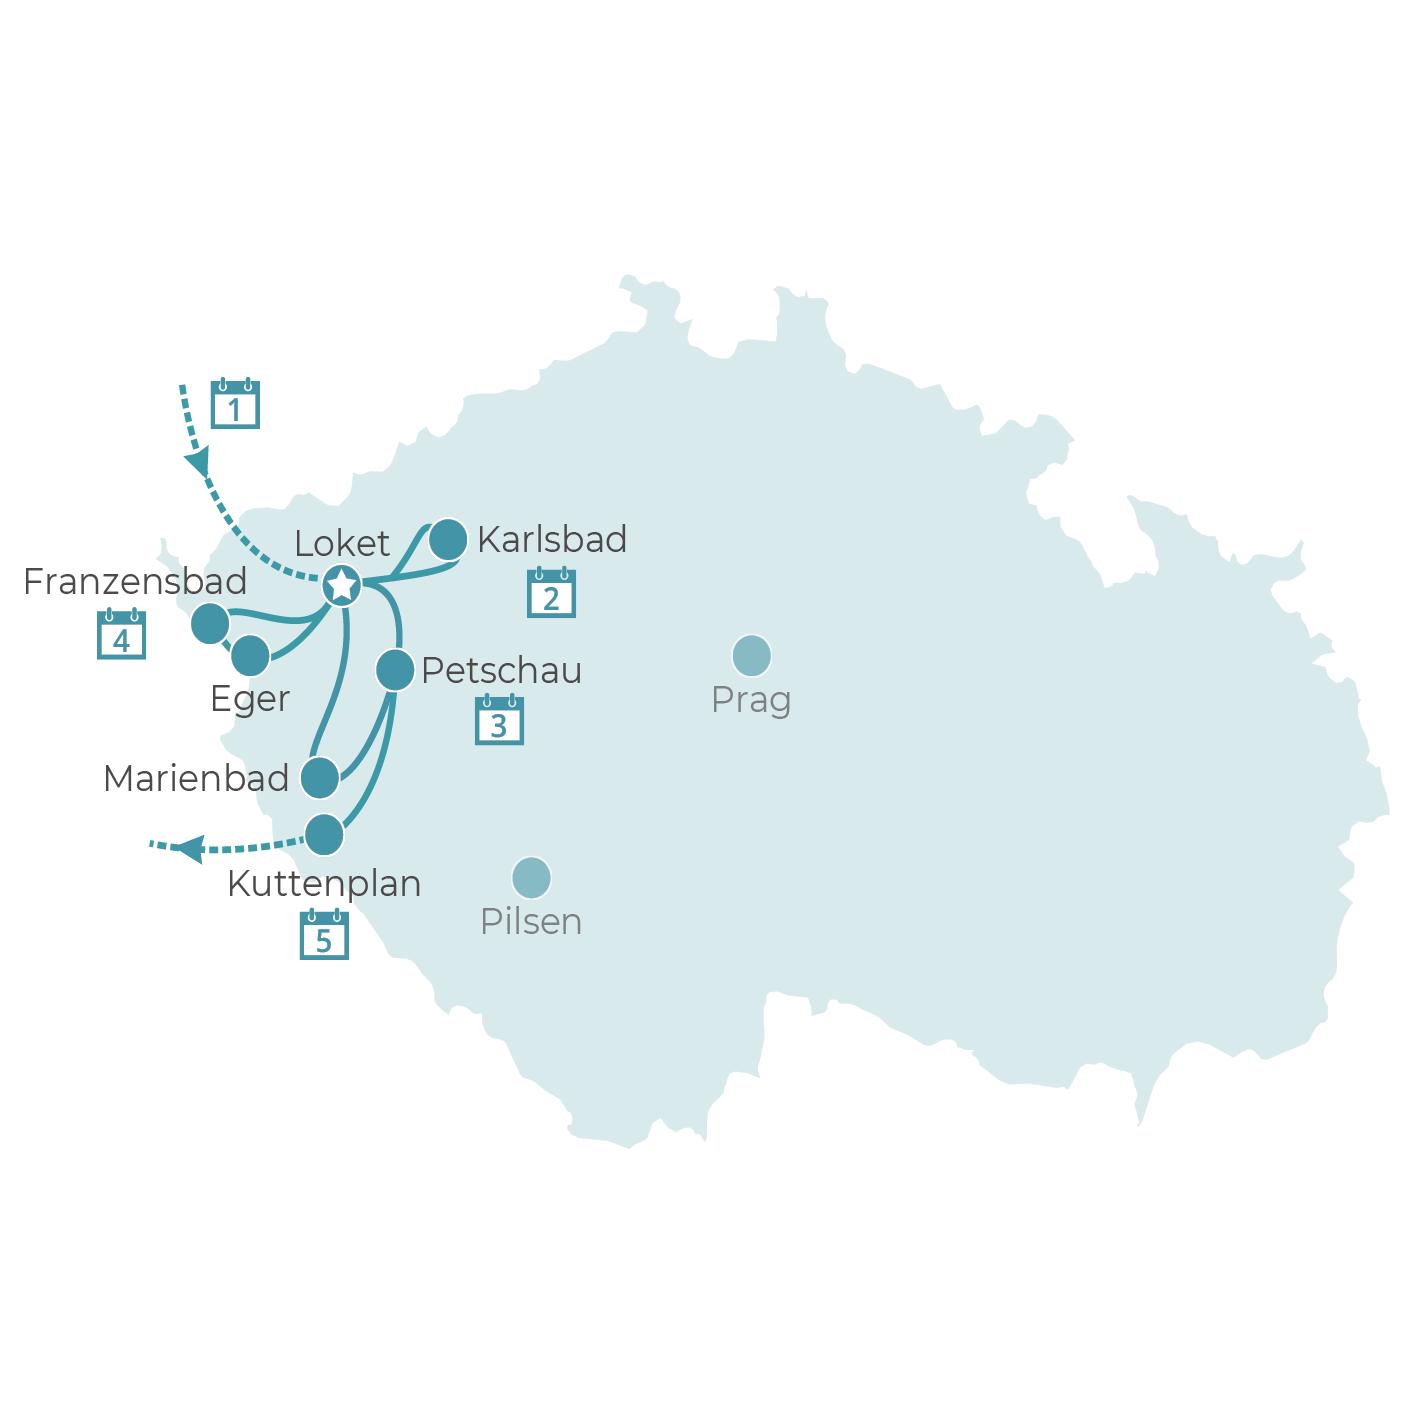 königliche Bäderdreieck in Westböhmen